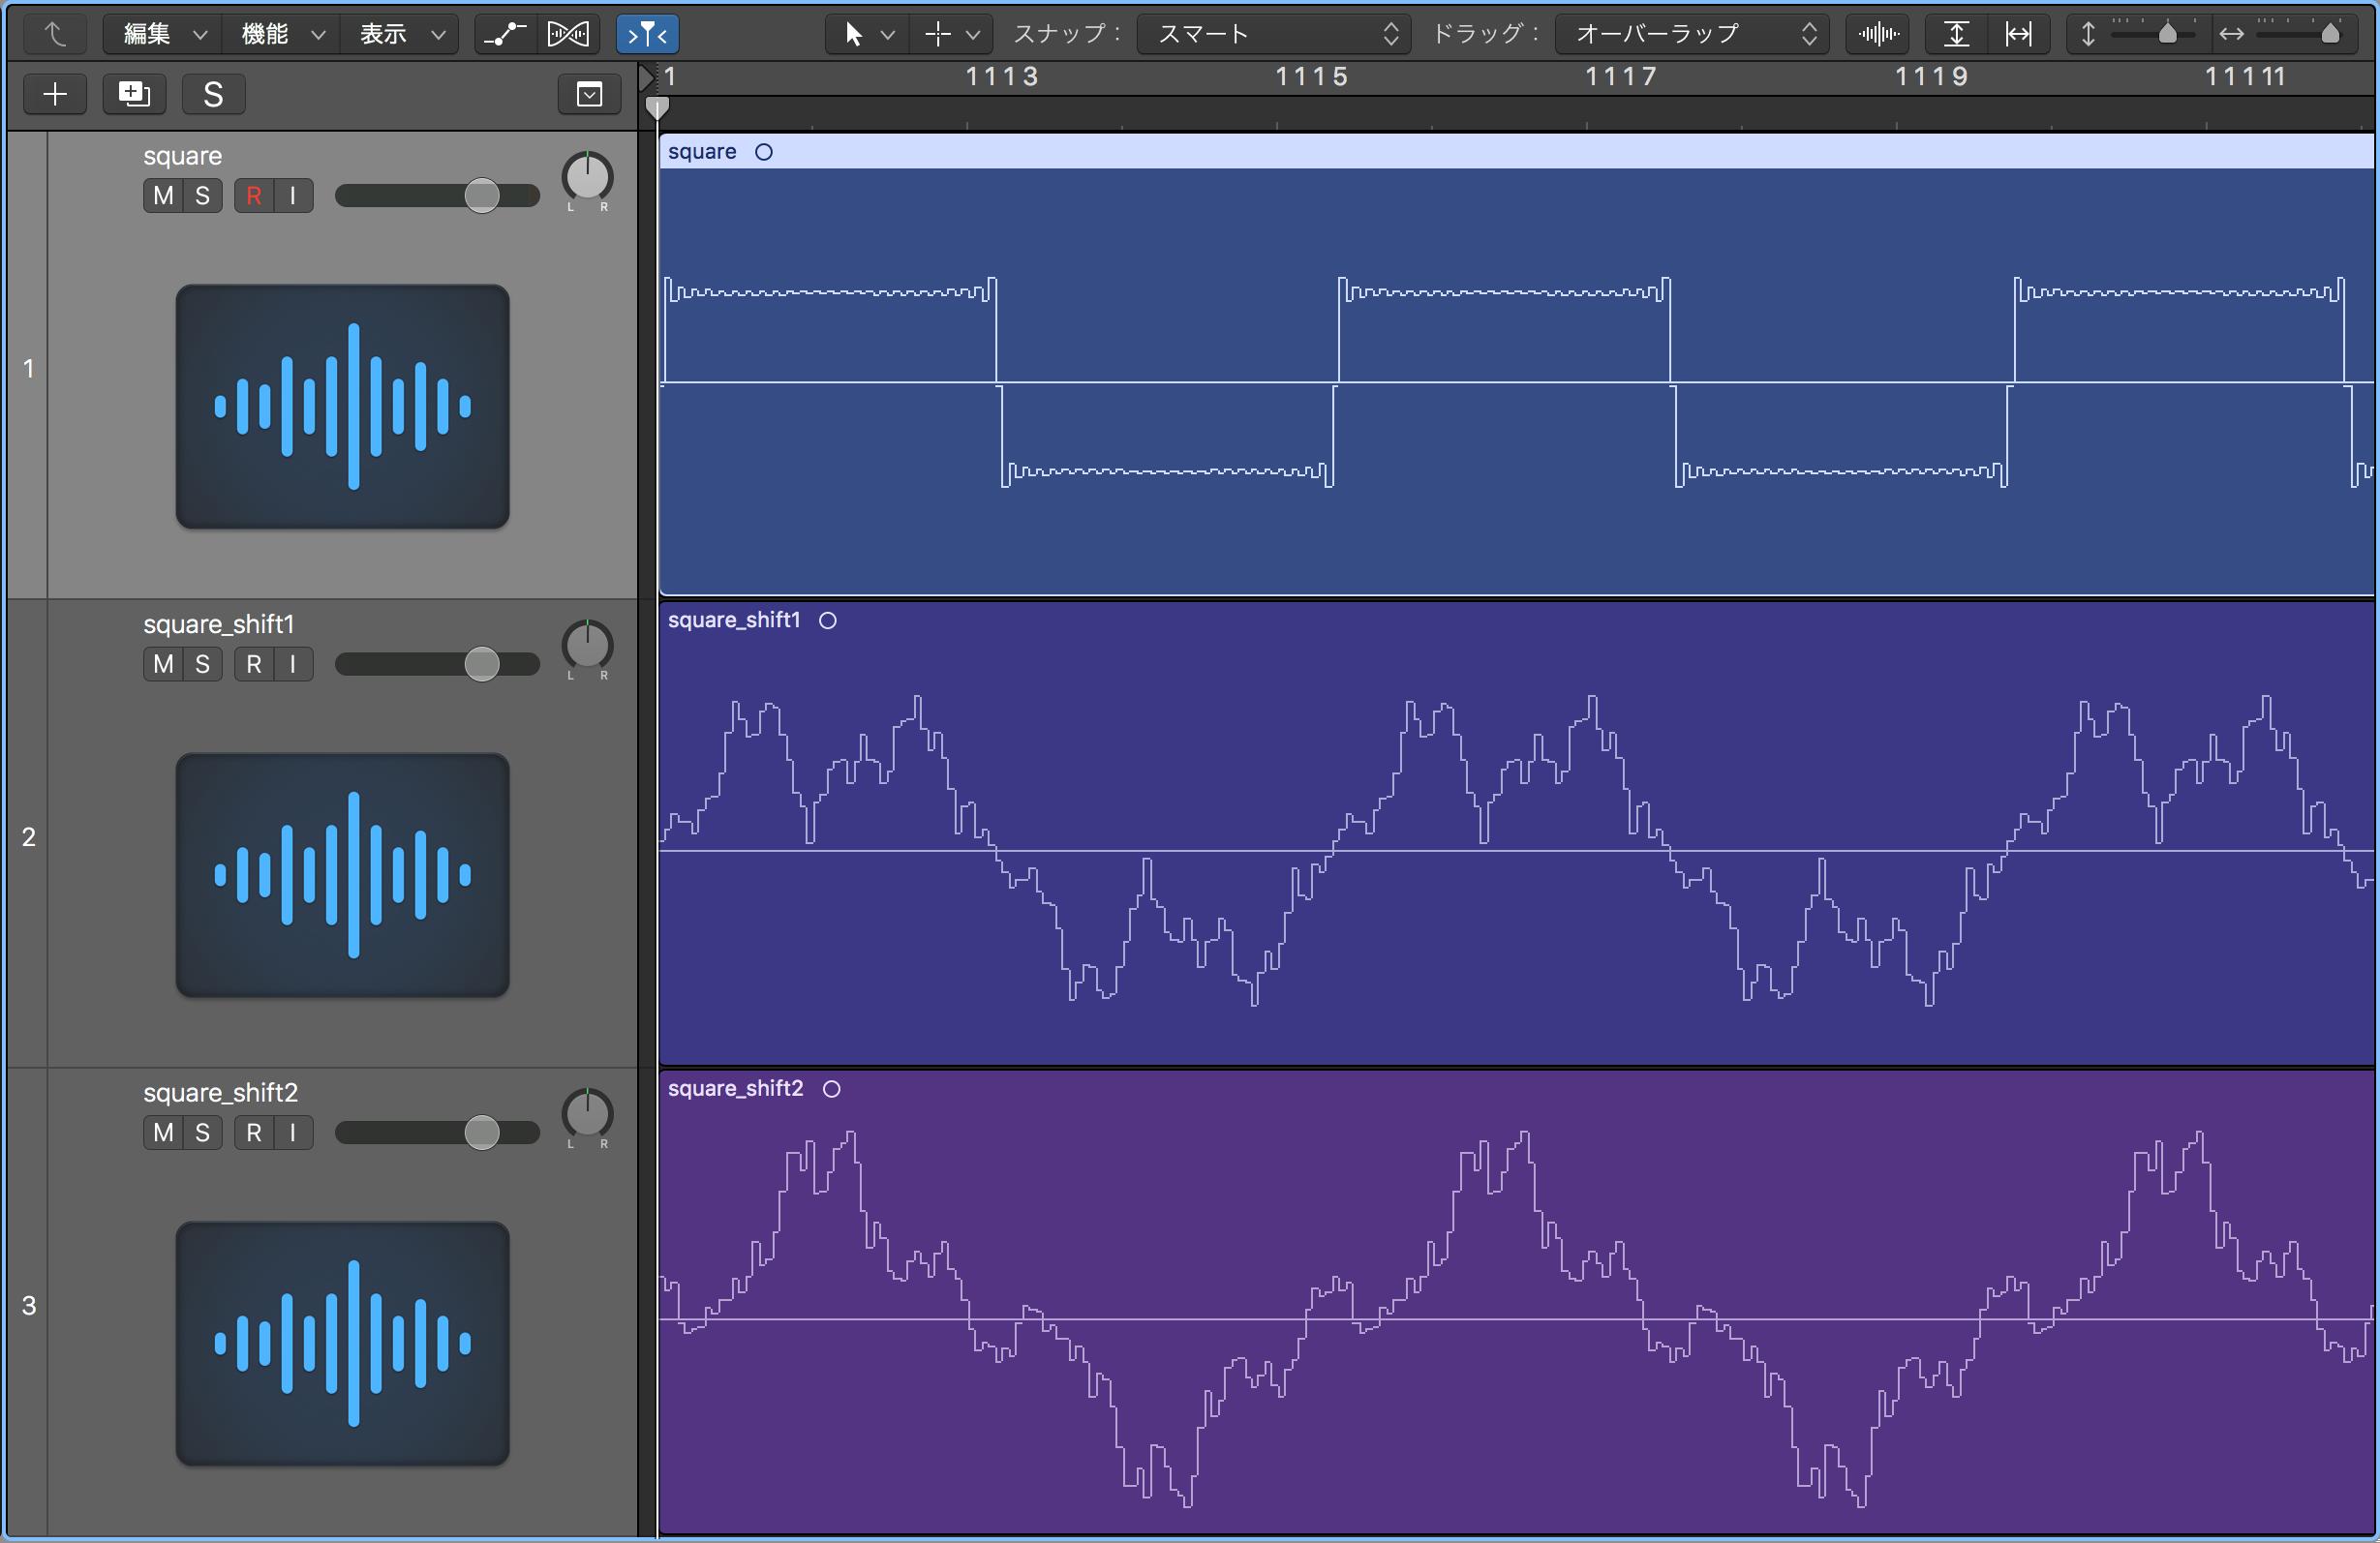 問題の3つの波形